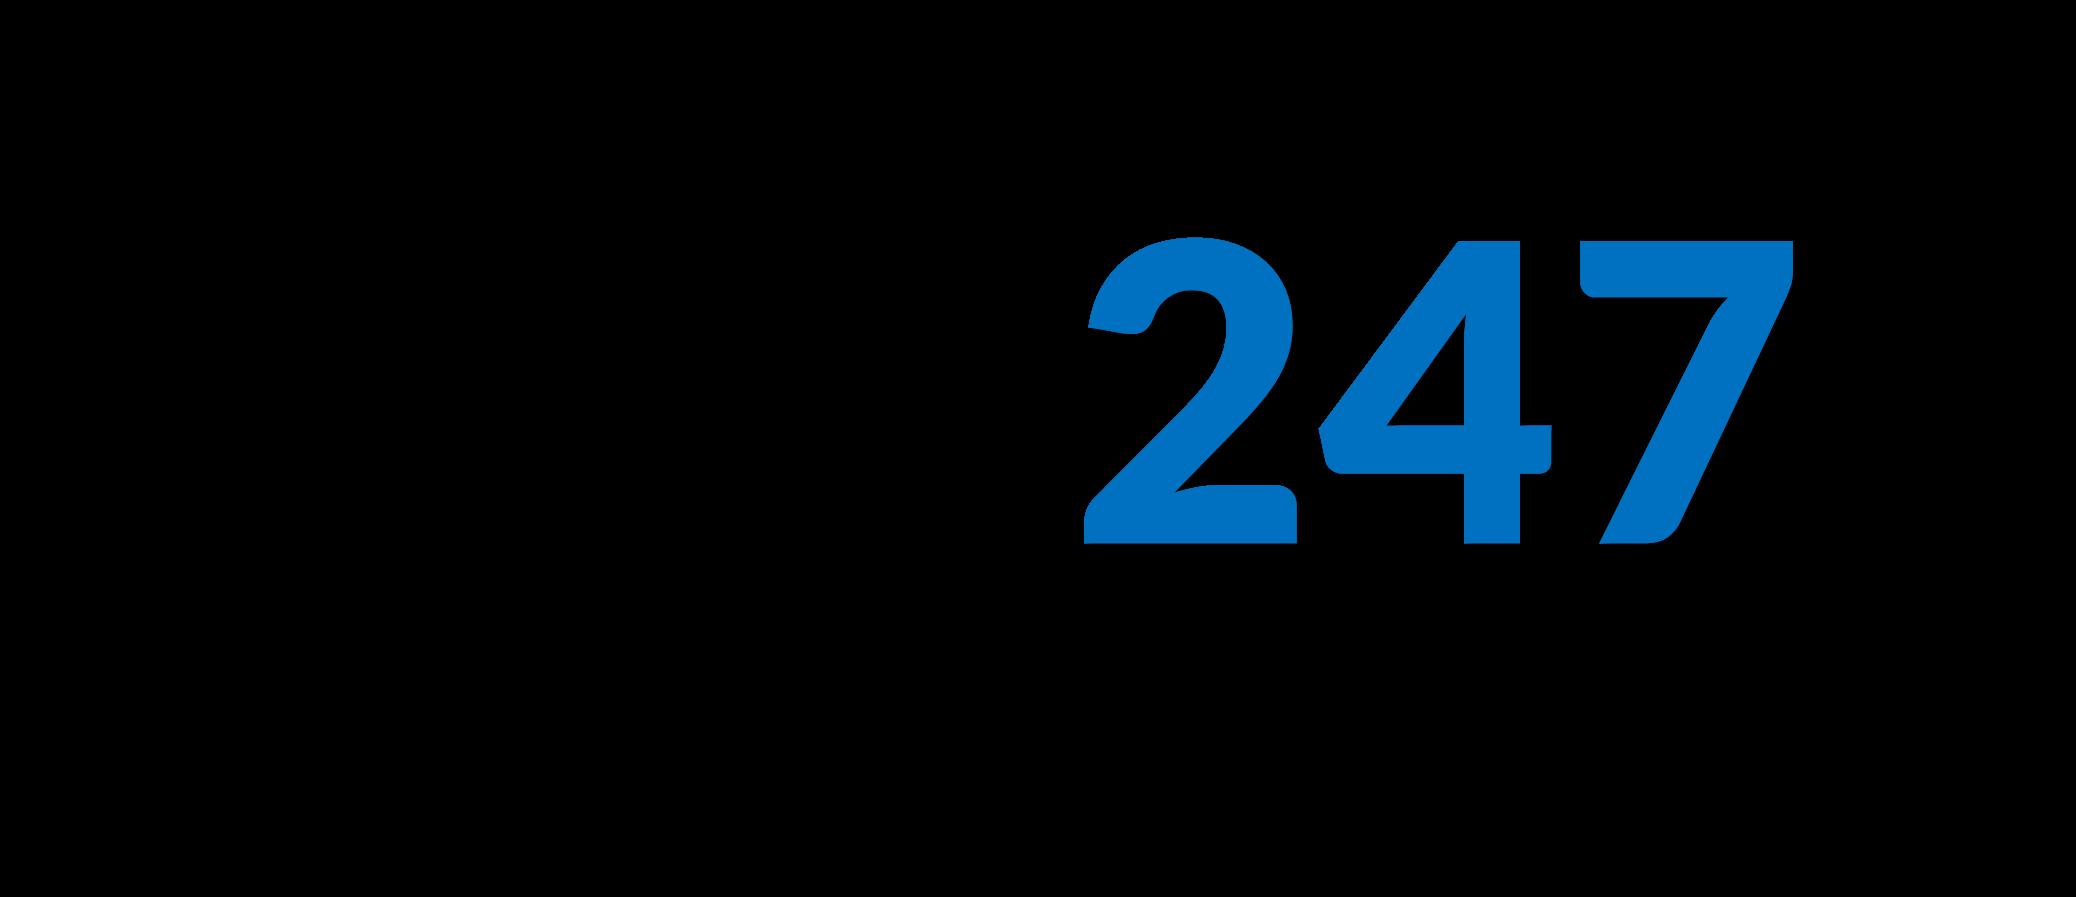 VAS247.COM